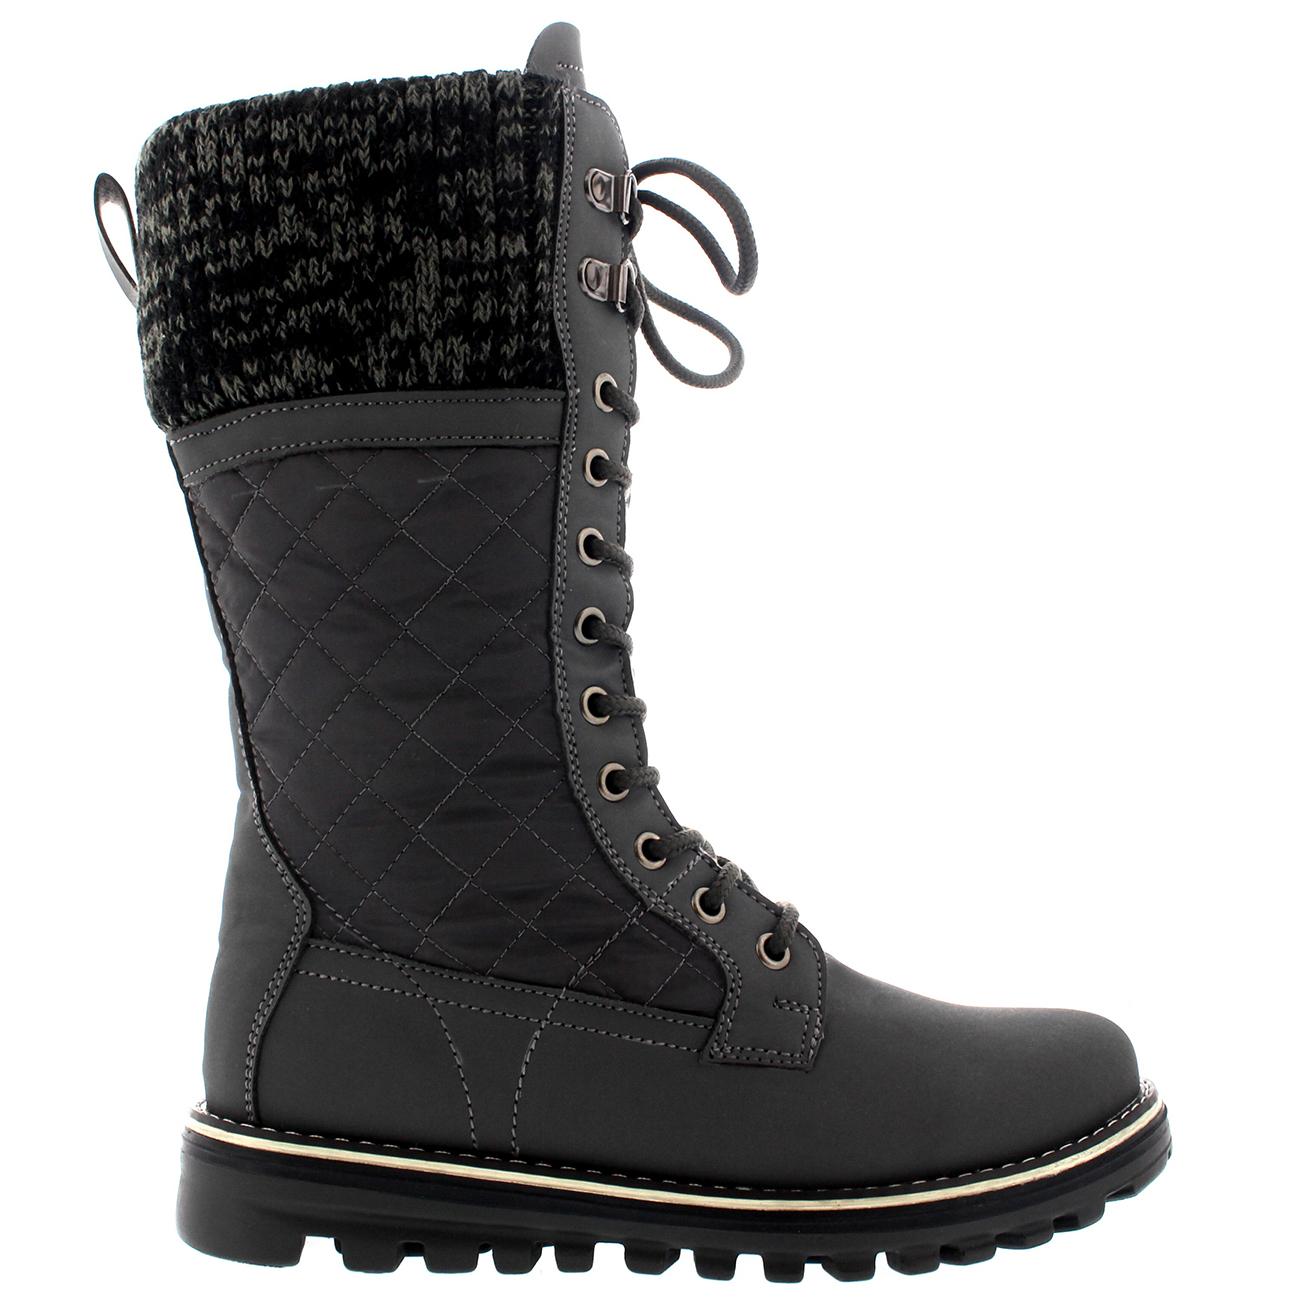 Ladies Waterproof Walking Warm Hiking Snow Rain Winter Mid